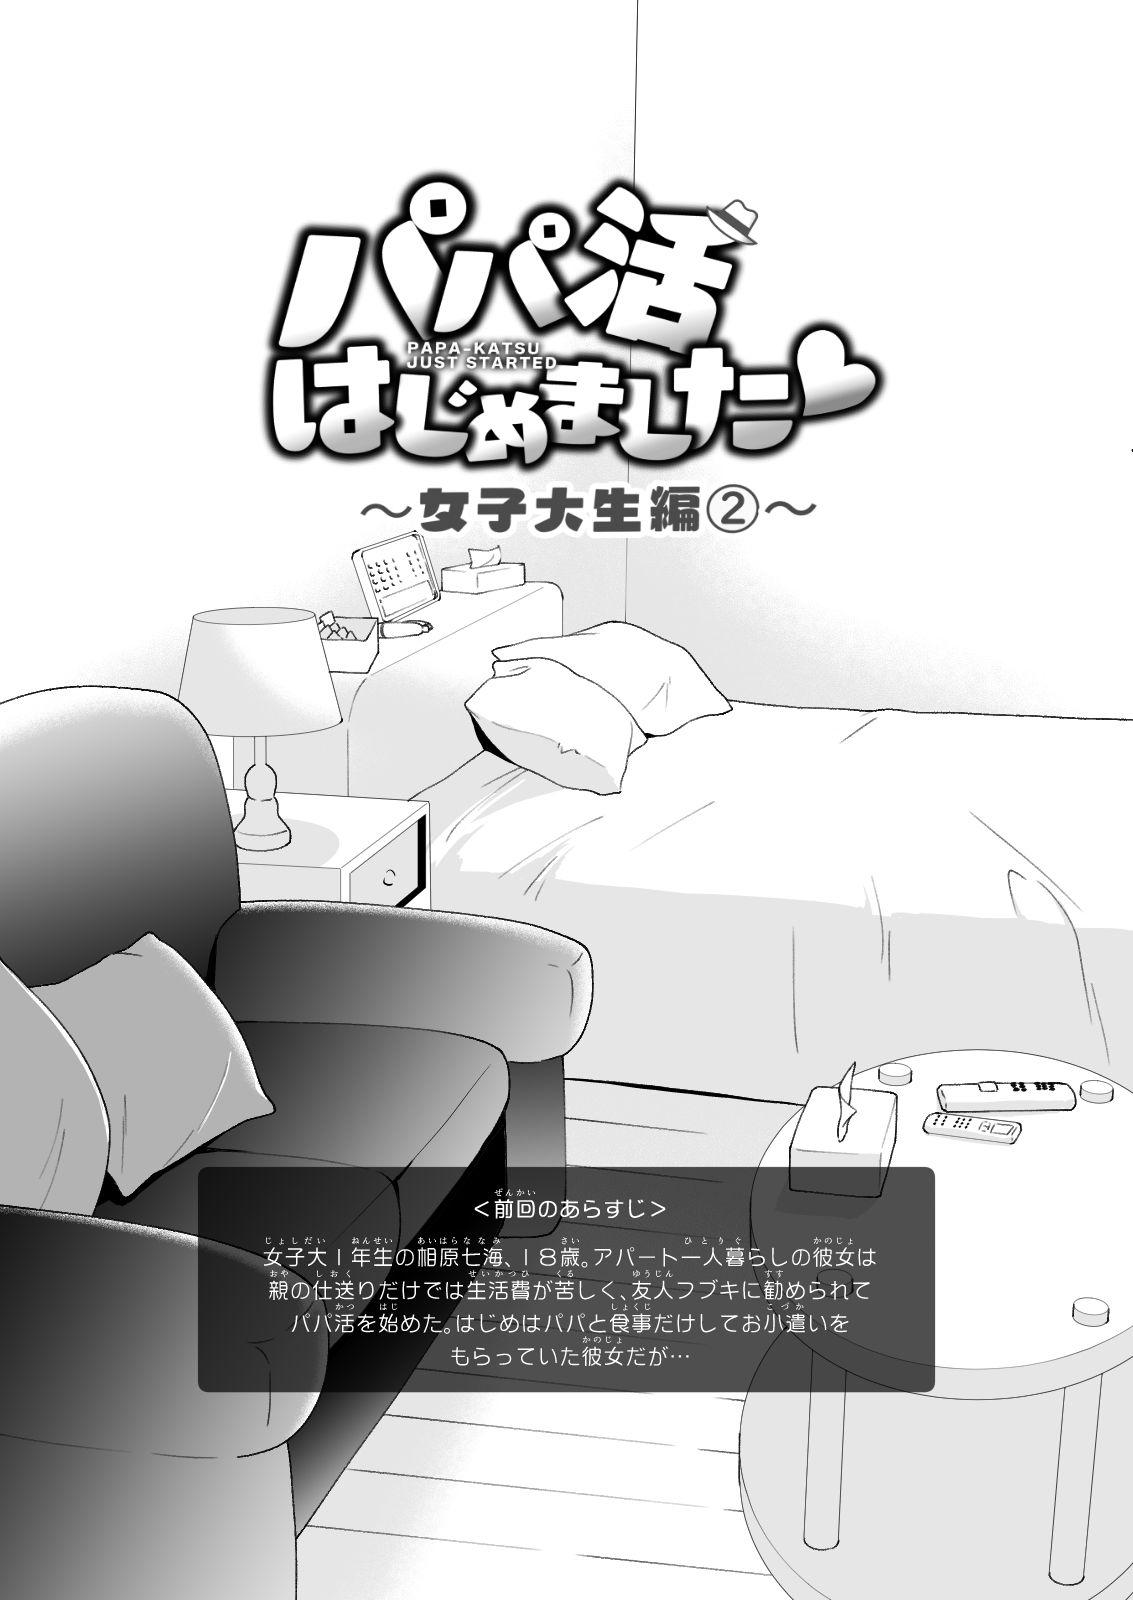 【エロ漫画】パパ活はじめました2~女子大生編(2)~お金目的なはずが‥「サークル:かみか堂」【同人誌・コミック】#3